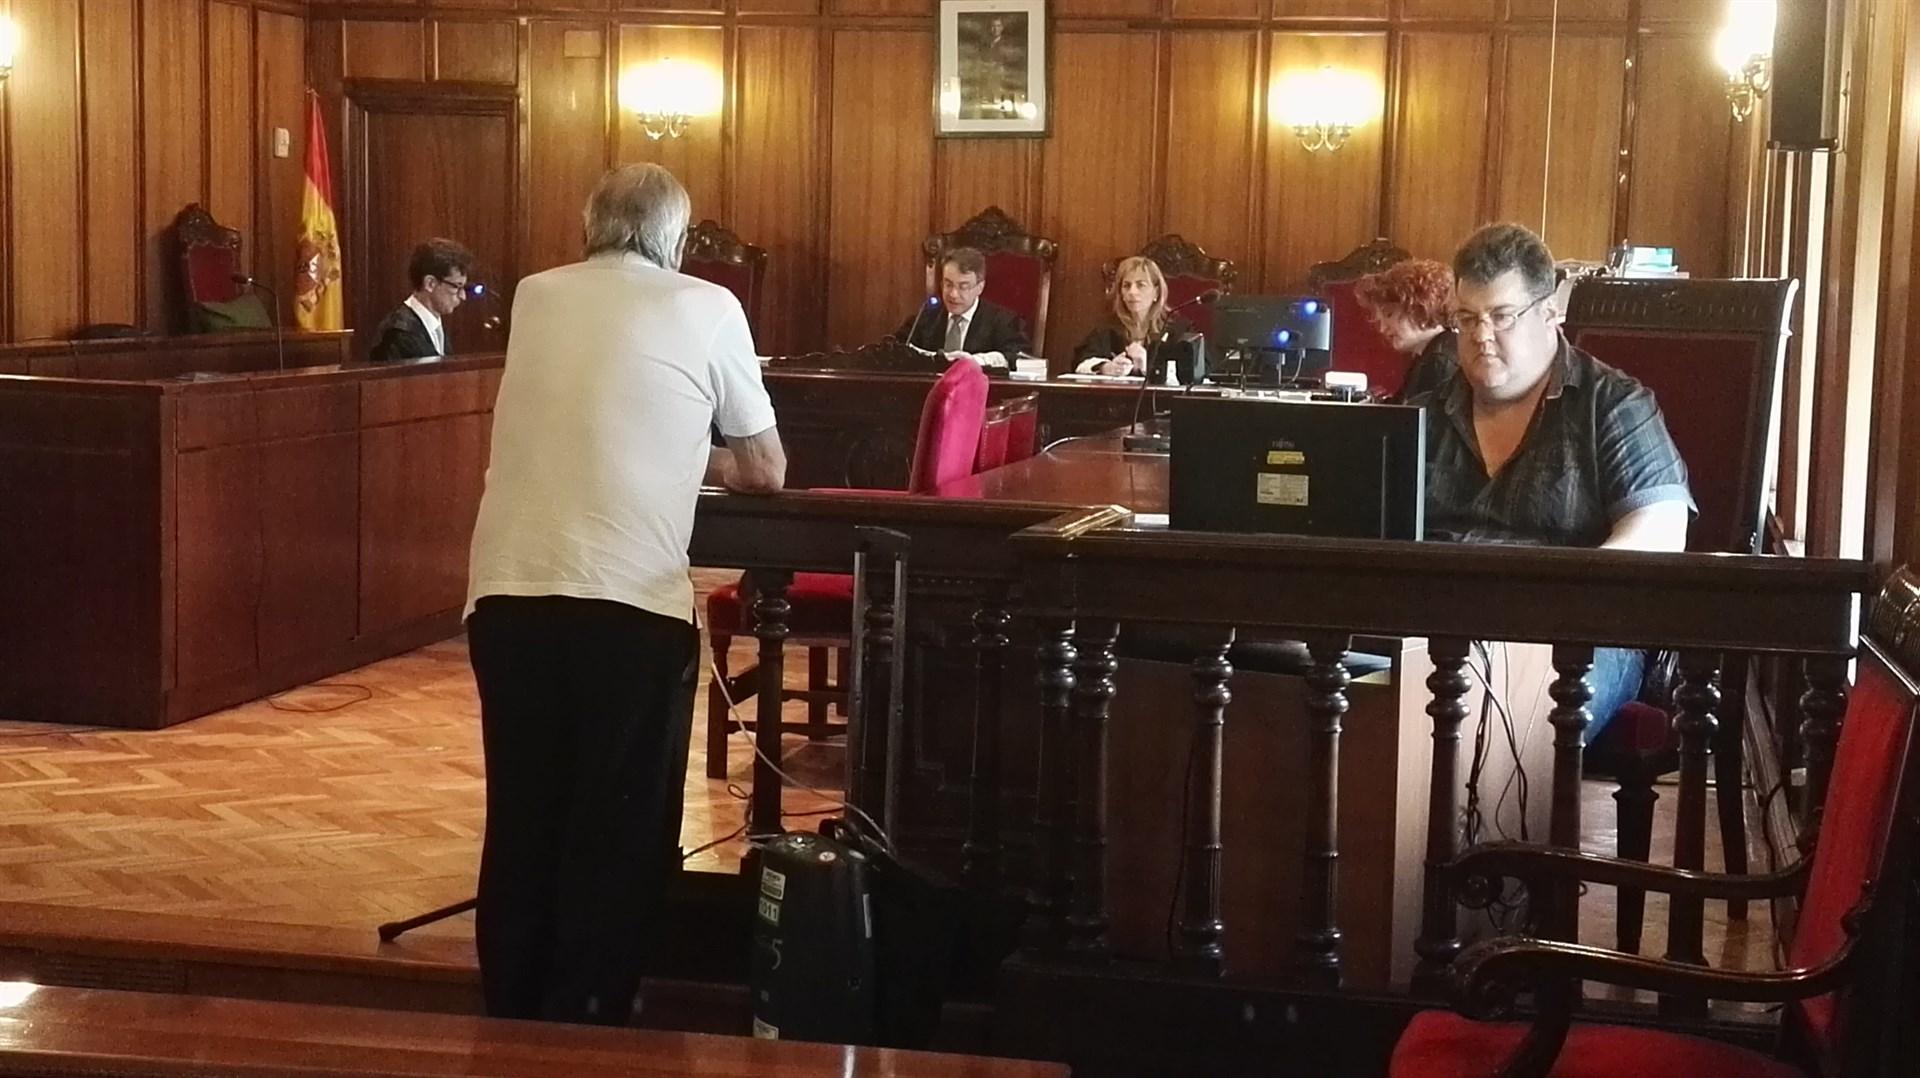 el acusado de haber cometido abusos sexuales de forma continuada y dos delitos de provocacin en dos nias menores de edad en albacete gtc ha declarado